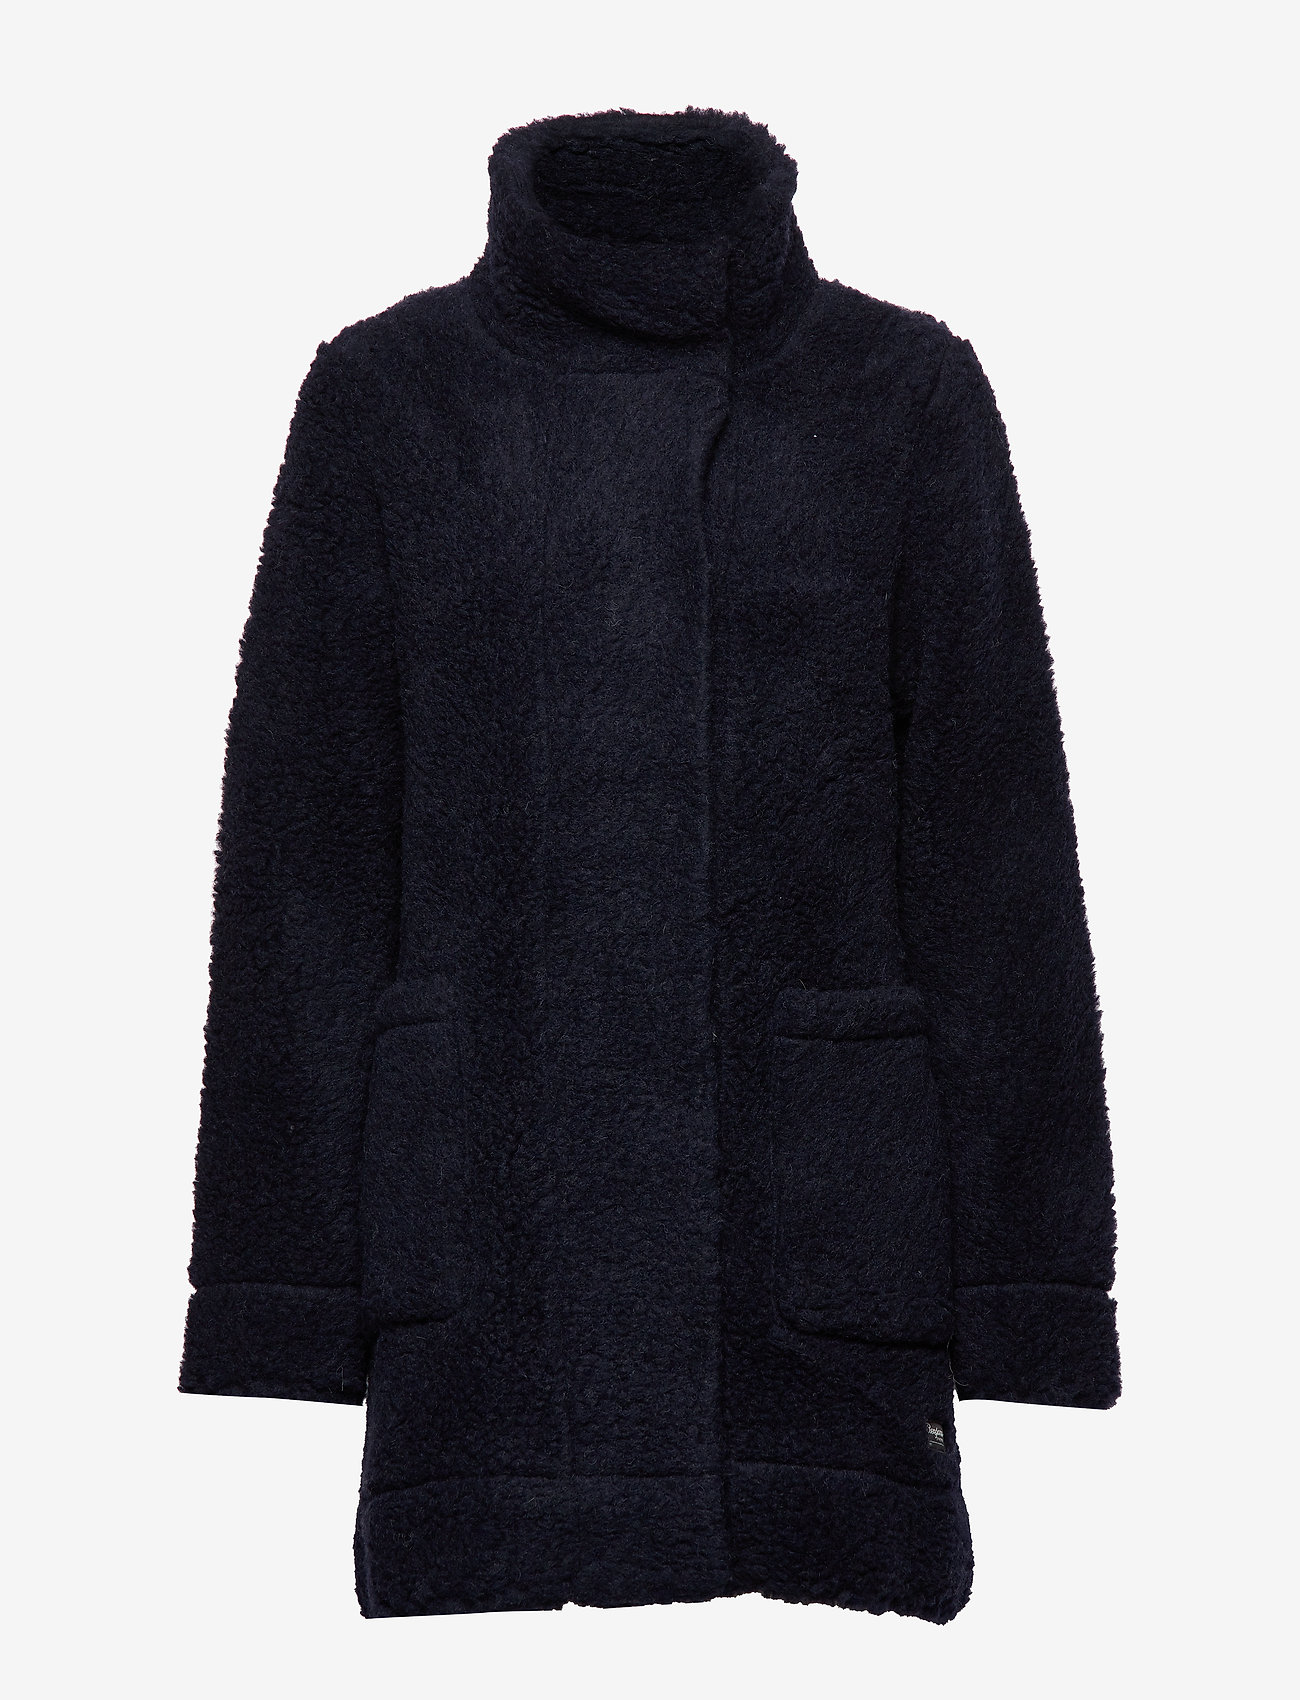 Bergans - Oslo Wool LooseFit W Jkt - wool jackets - dk navy - 1